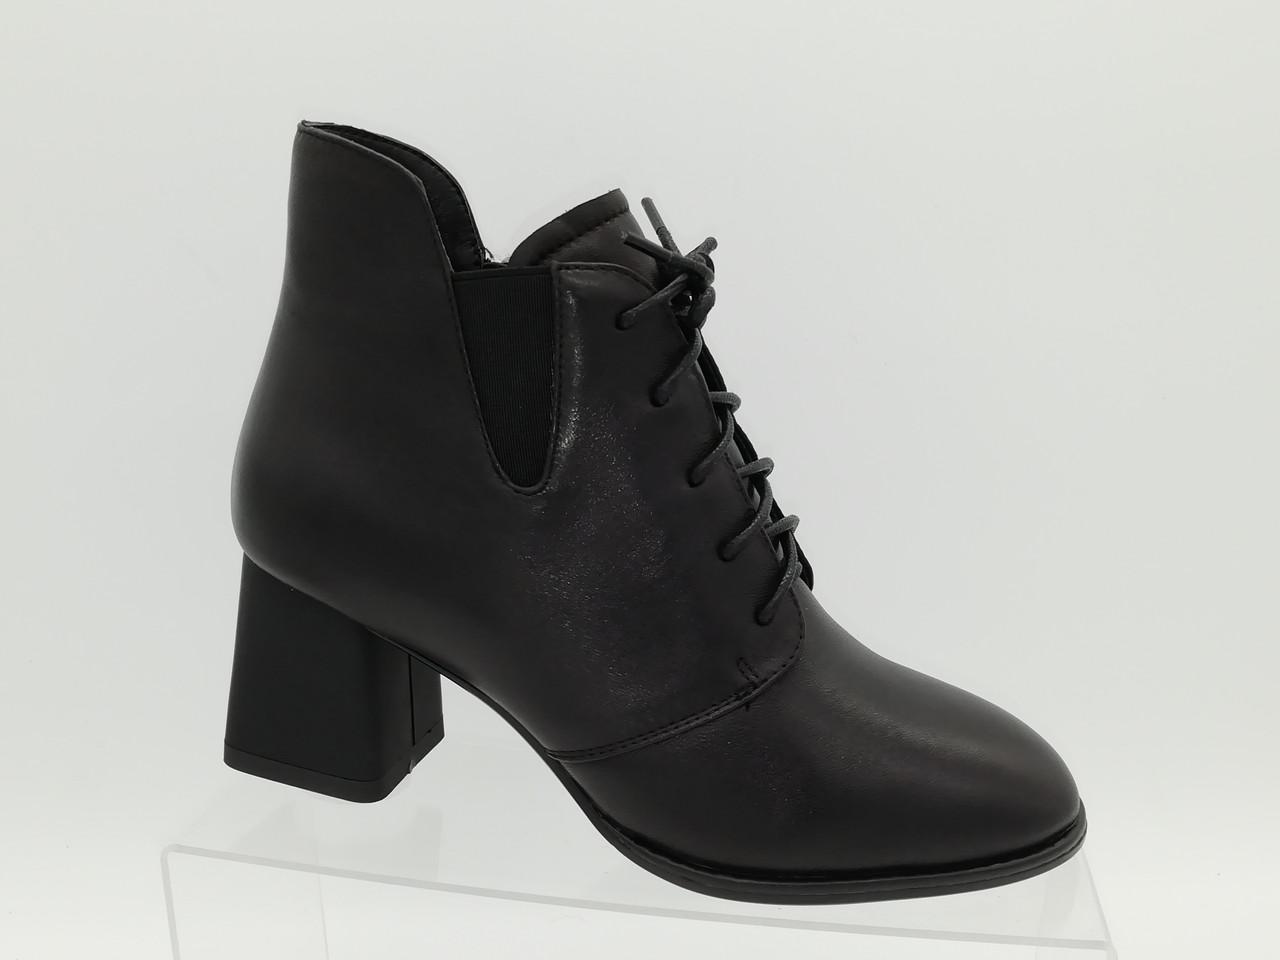 Черные кожаные ботиночки на каблуке. Ботильоны. Маленькие размеры (33 - 35).